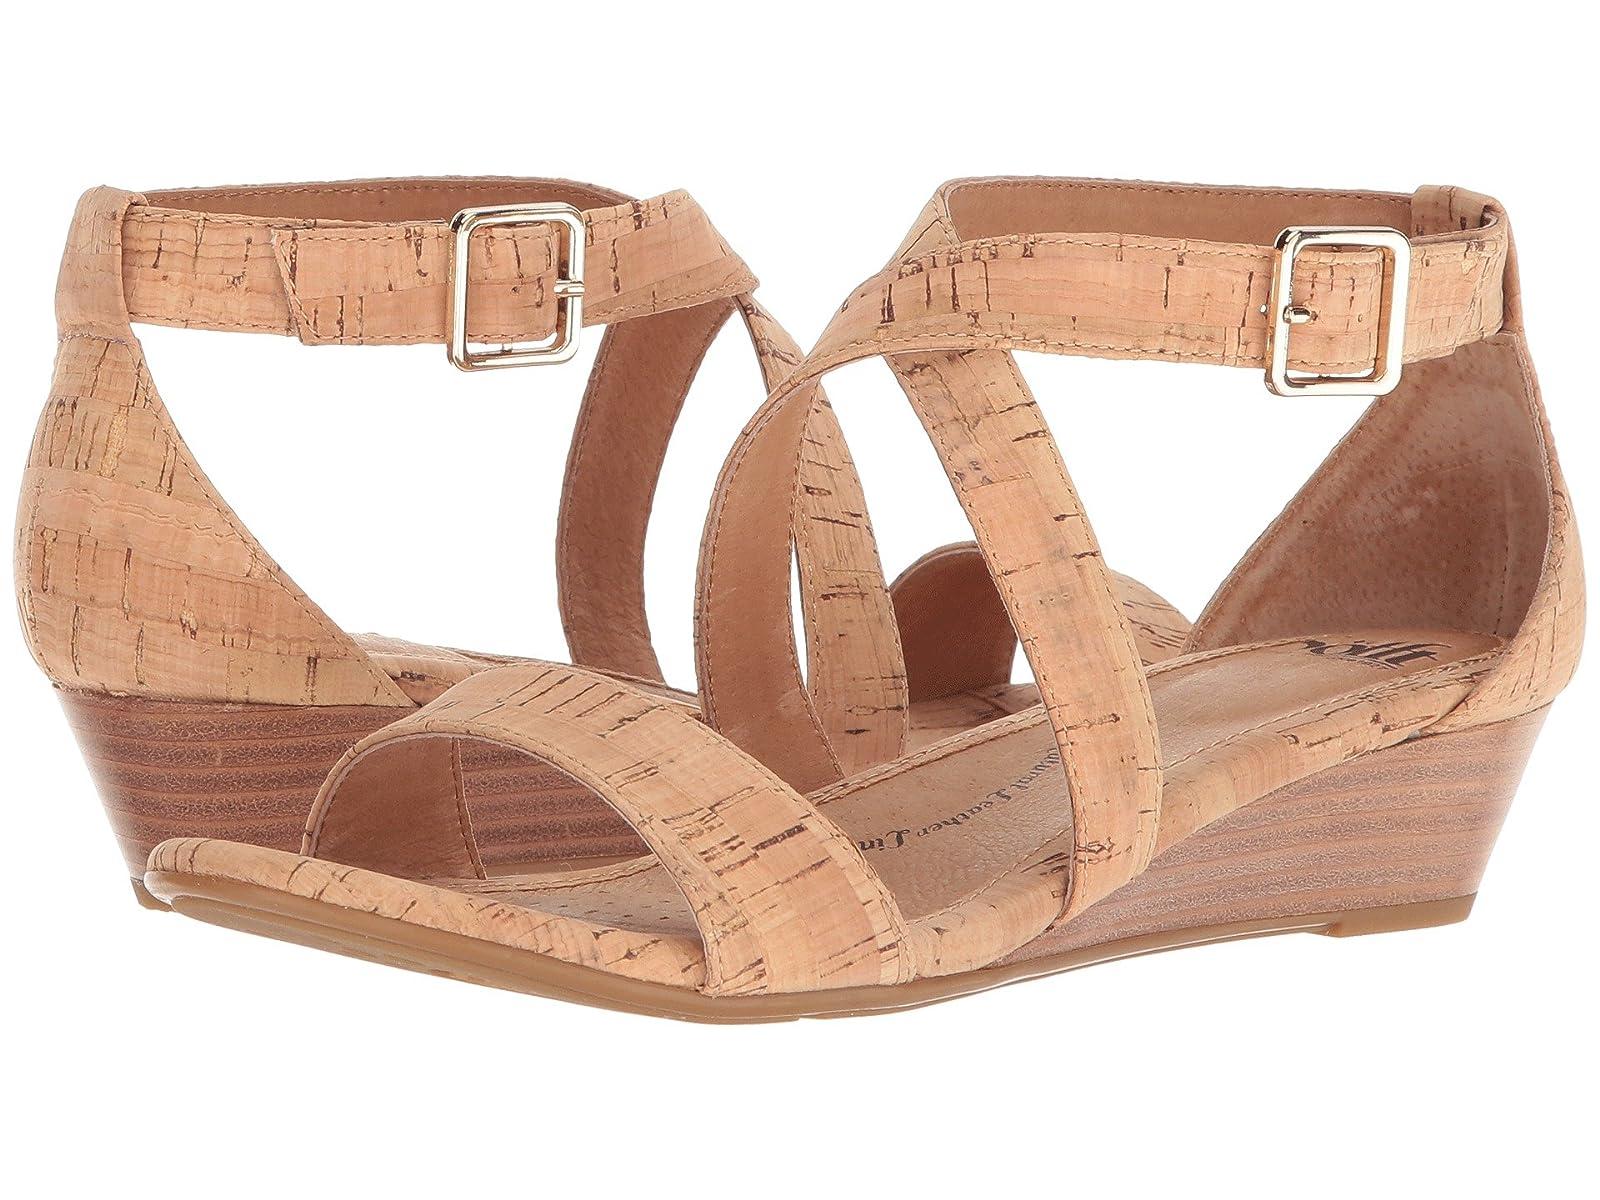 Sofft InnisAtmospheric grades have affordable shoes